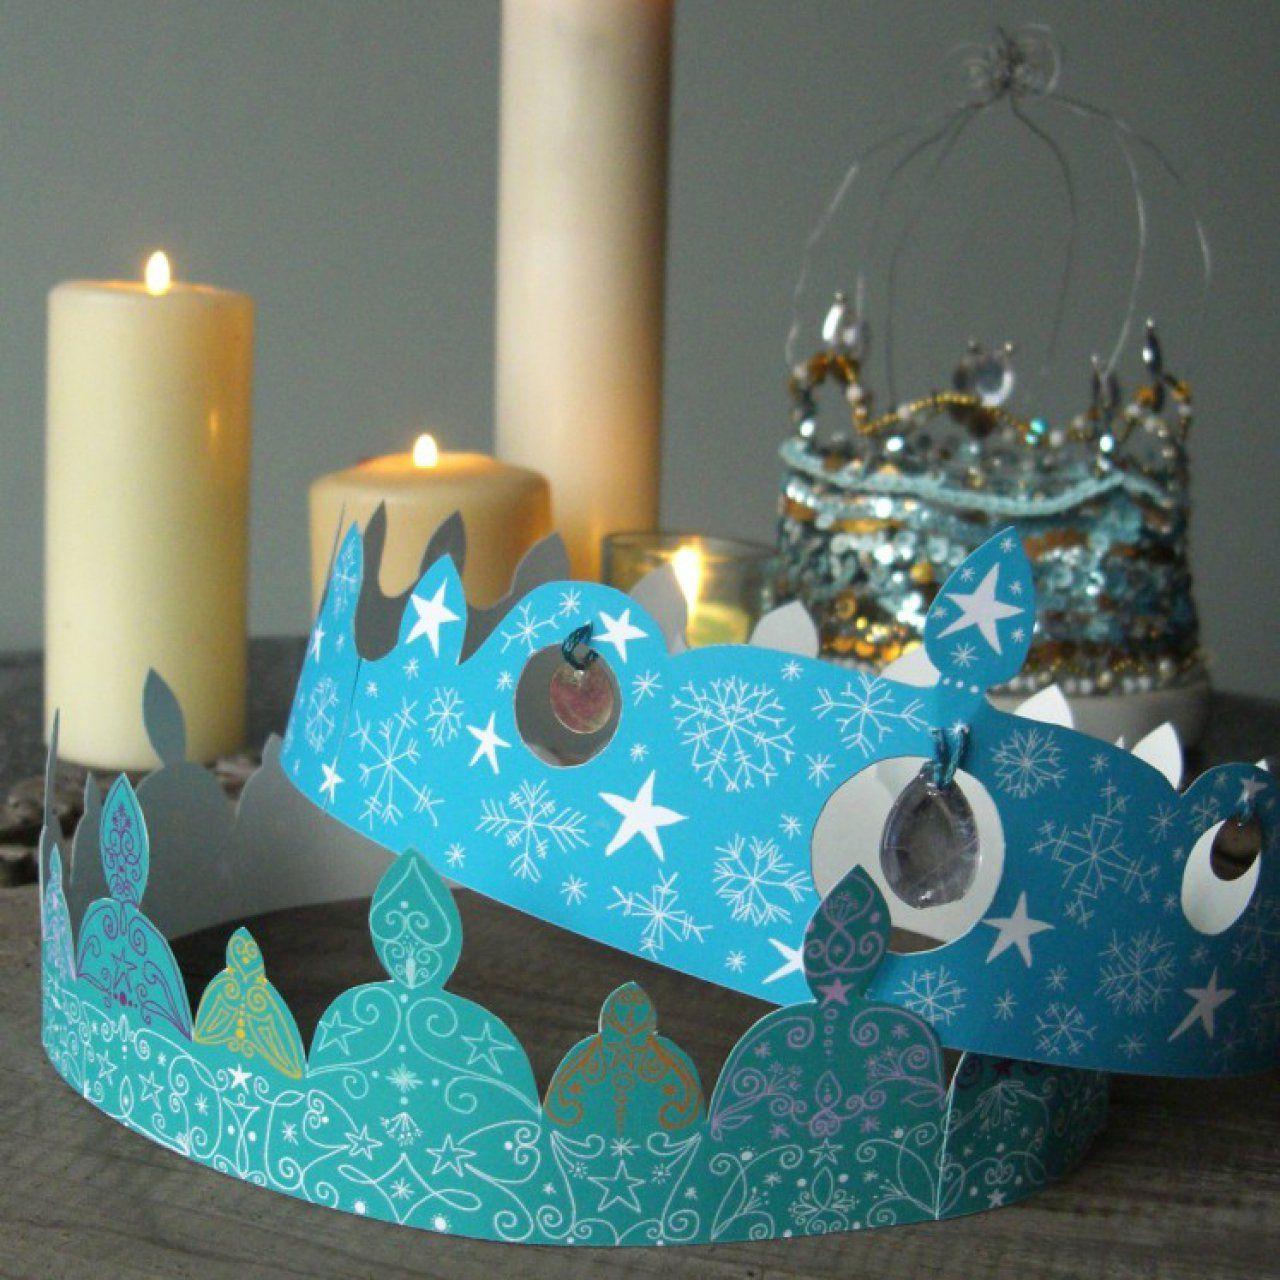 3 couronnes t l charger pour l epiphanie crawon galette des rois couronne des rois - Couronne galette des rois a decouper ...